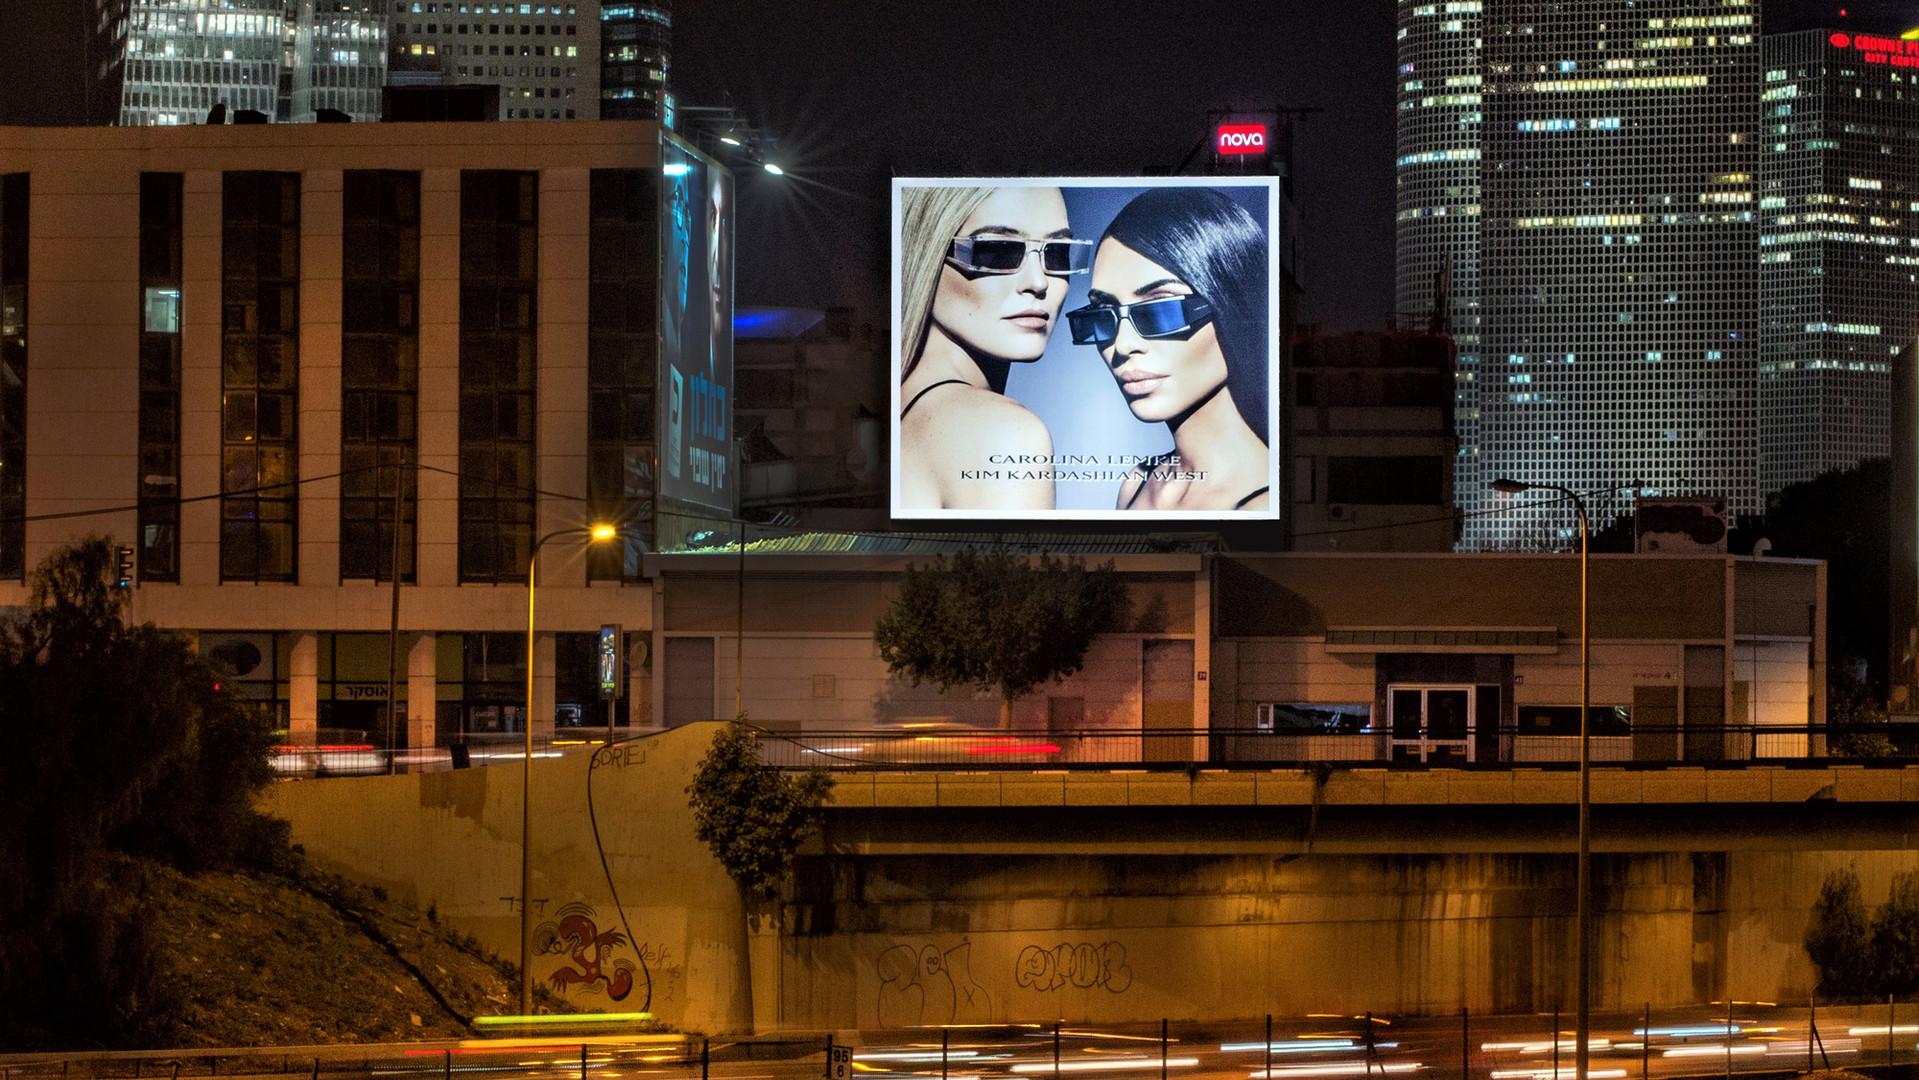 שלטי פרסום ענק על גבי קירות - שלטי חוצות תל אביב